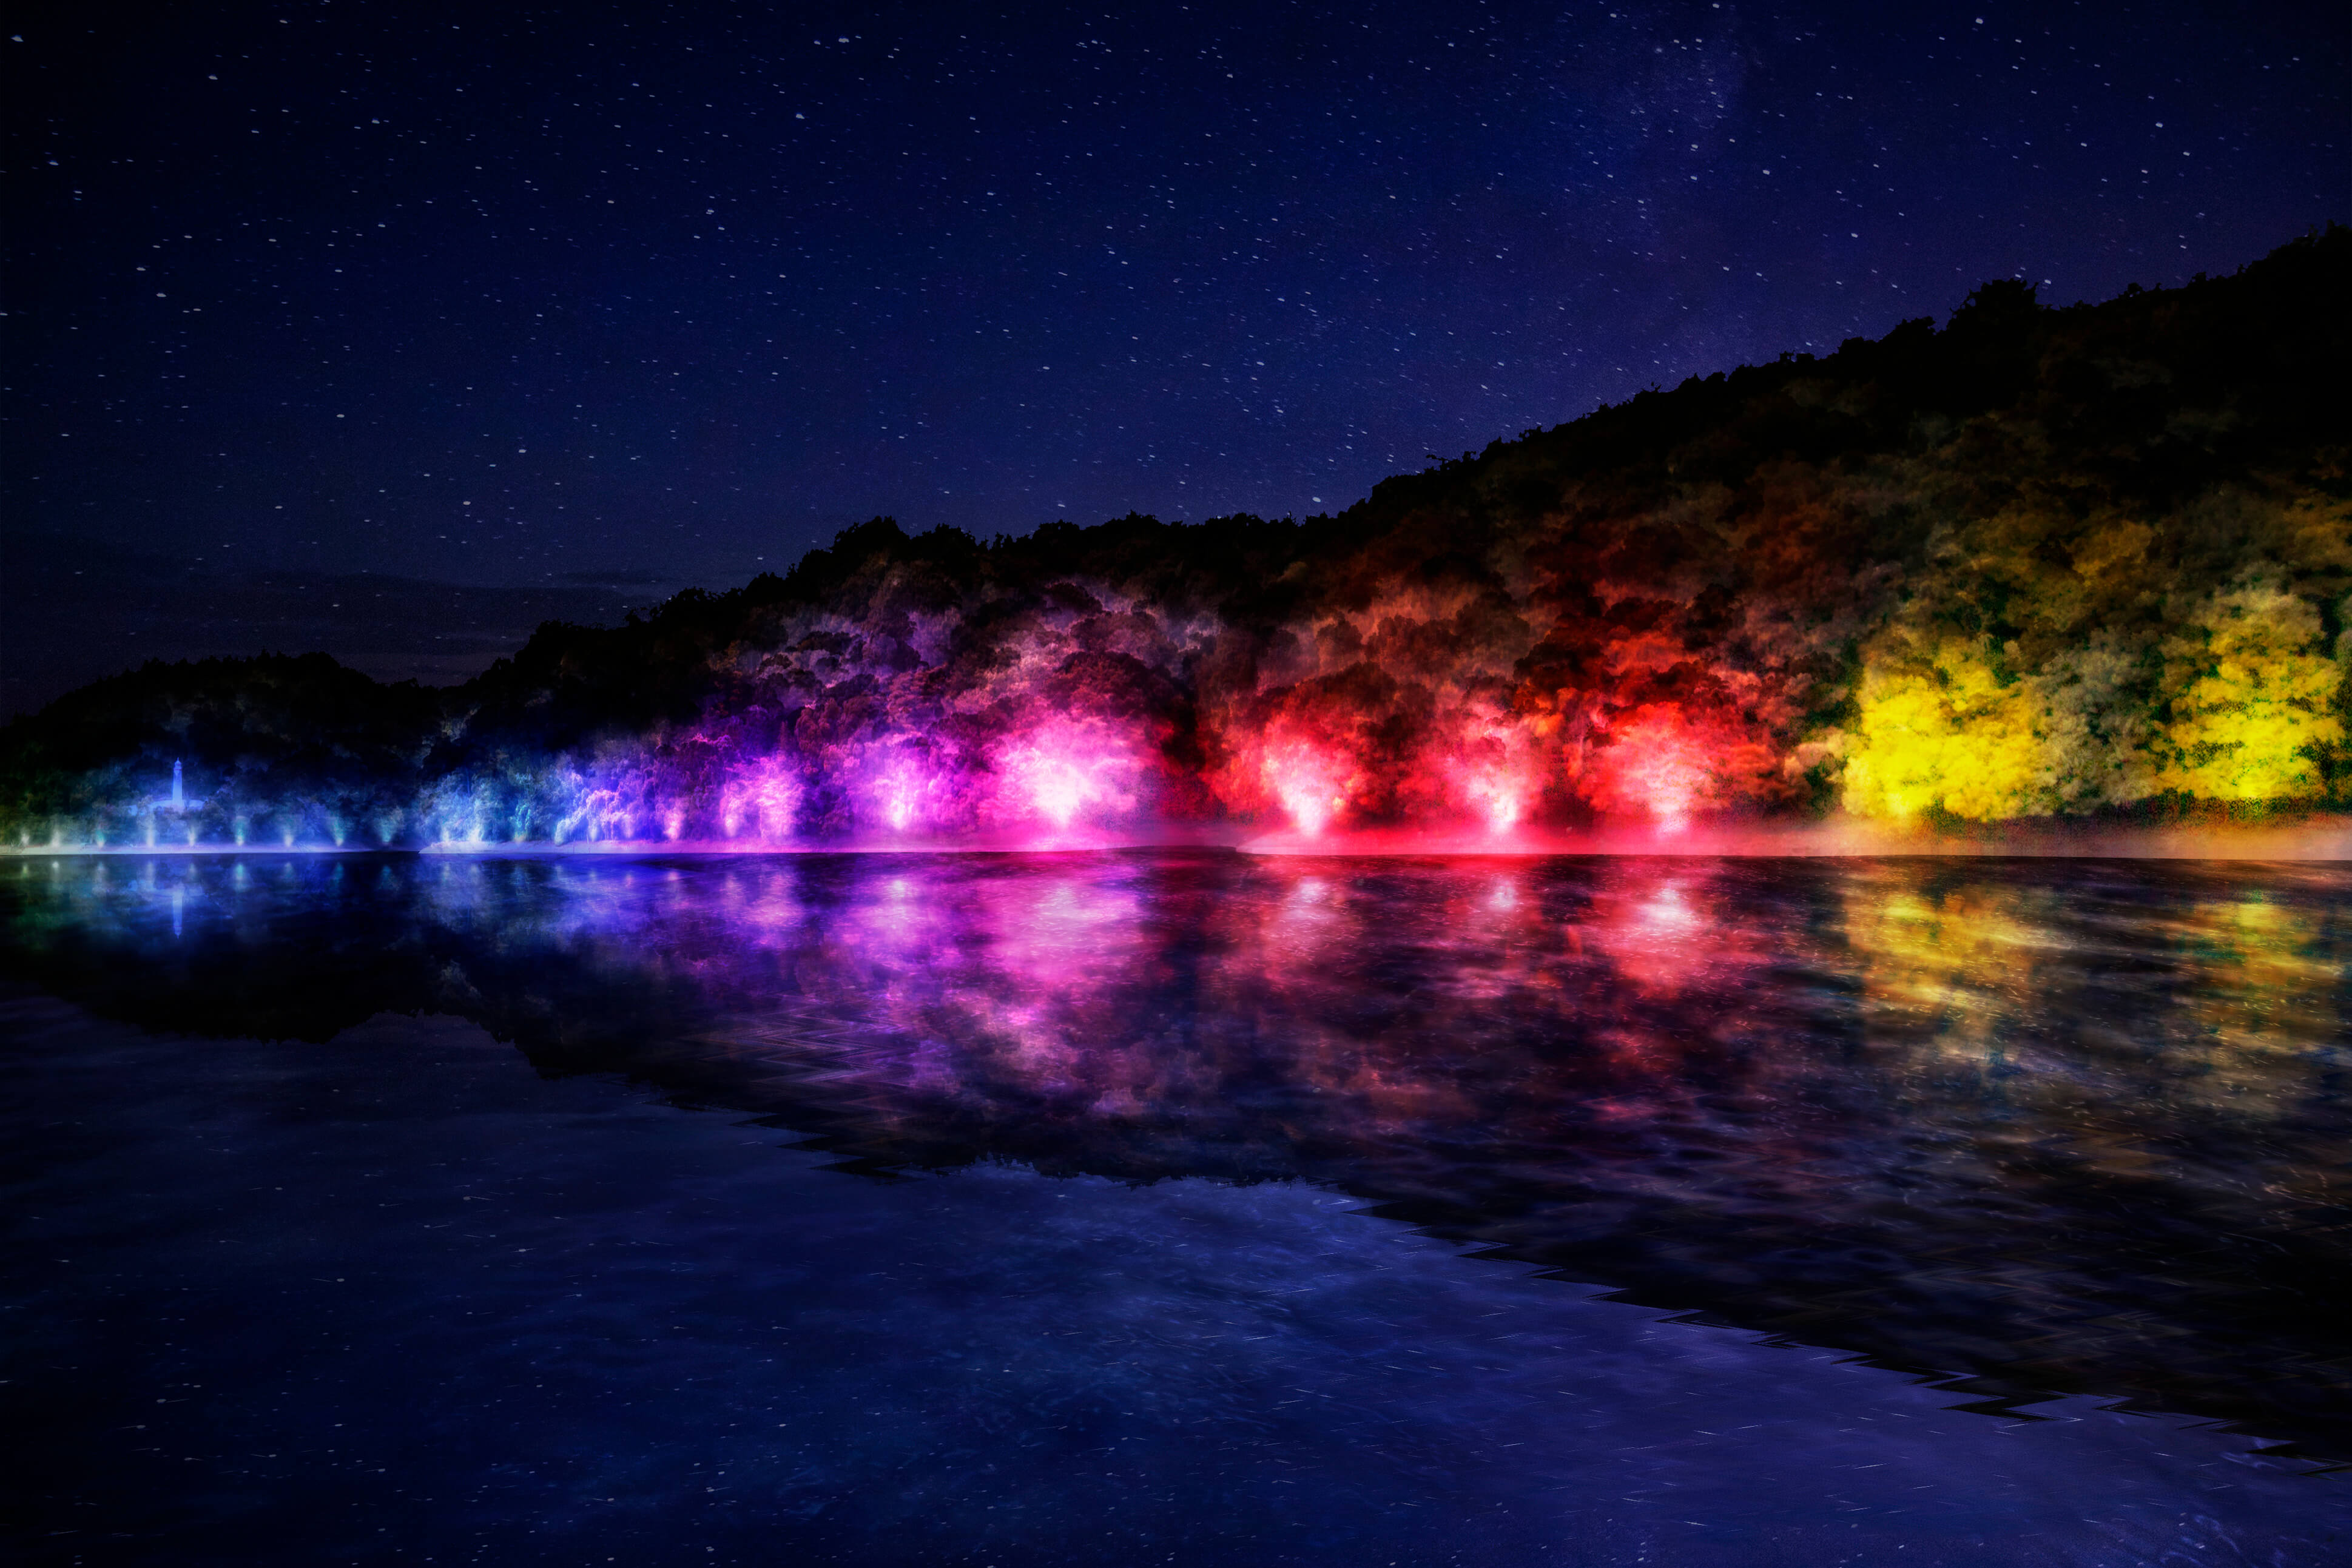 チームラボ 森と湖の光の祭 Team LABO.jpg2